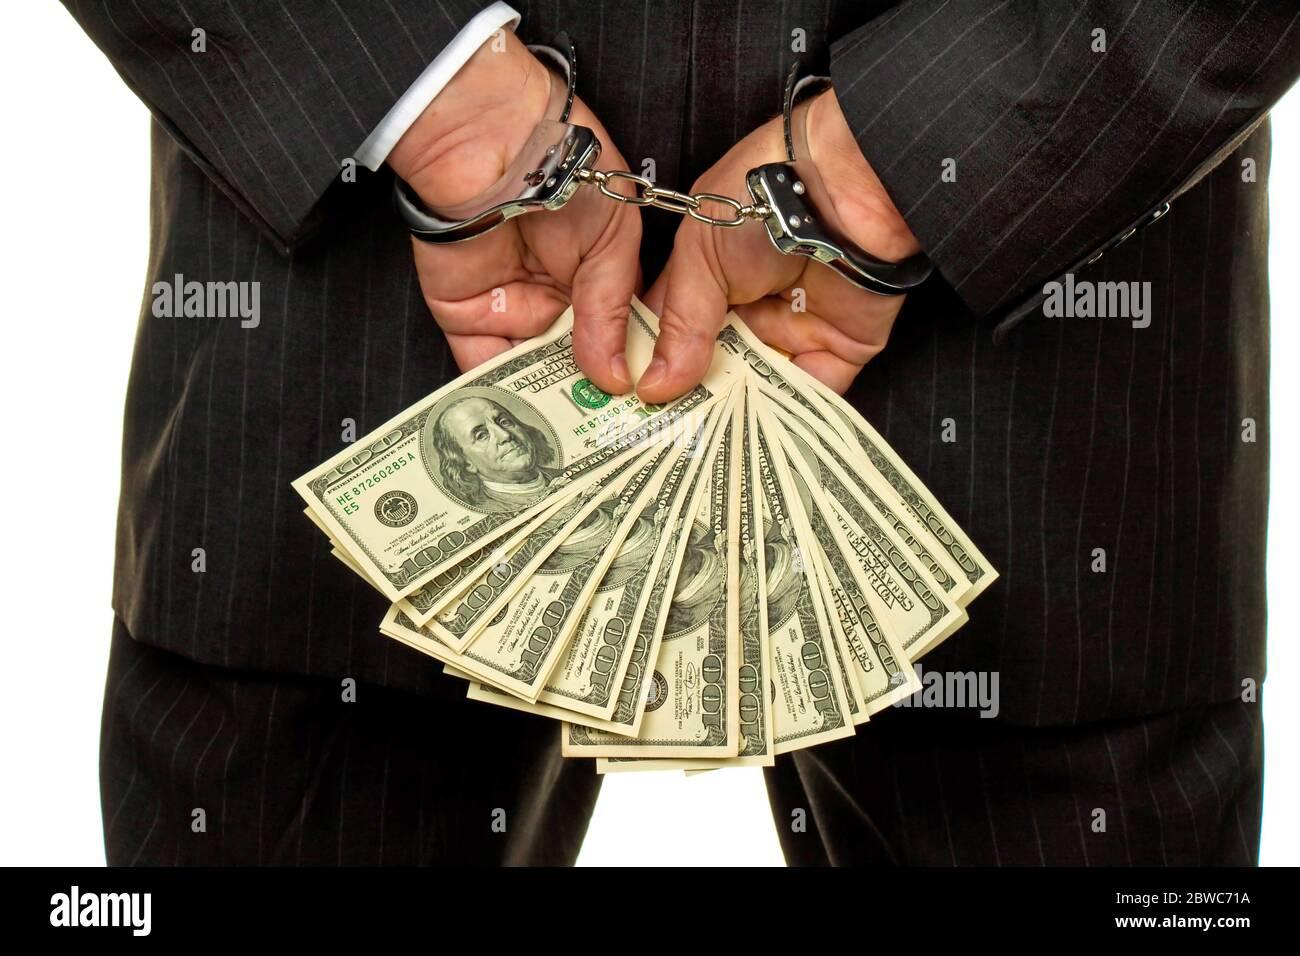 Manager mit Dollar Geldscheinen in der Hand, Handschellen, verhaftet, Schwarzgeld, Stockfoto